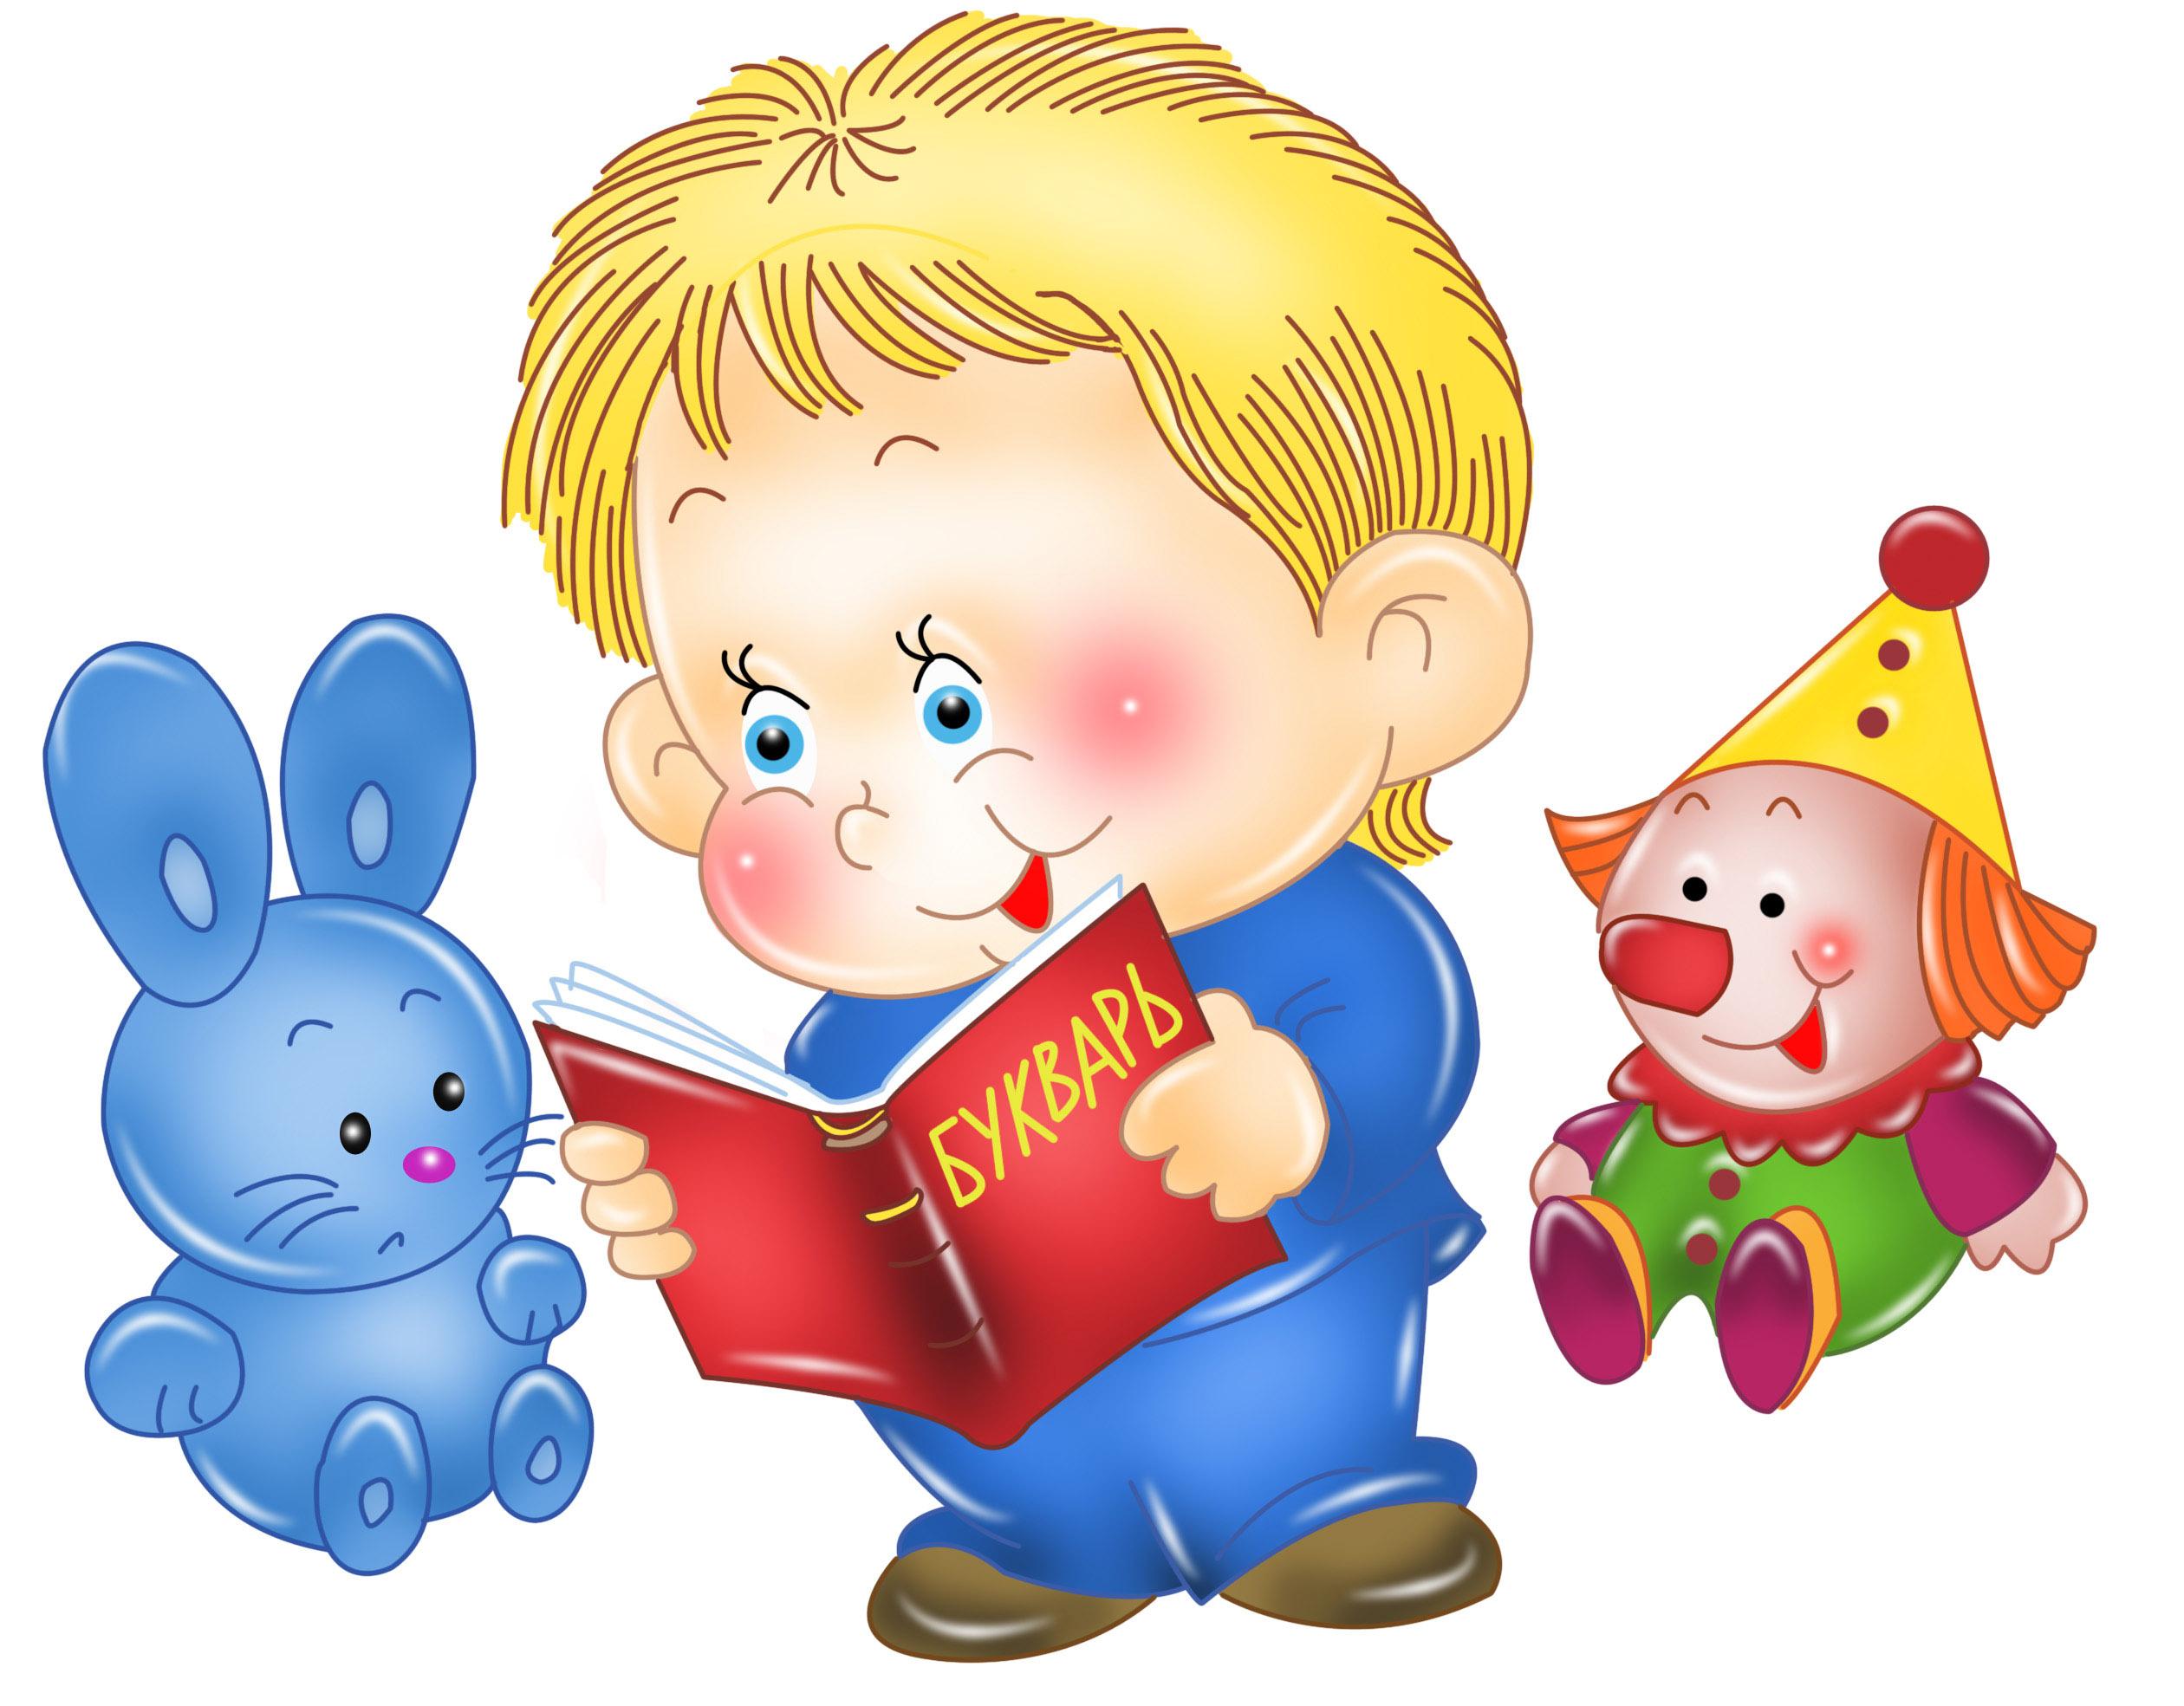 Скачать картинки для детского сада на разные темы - подборка 8